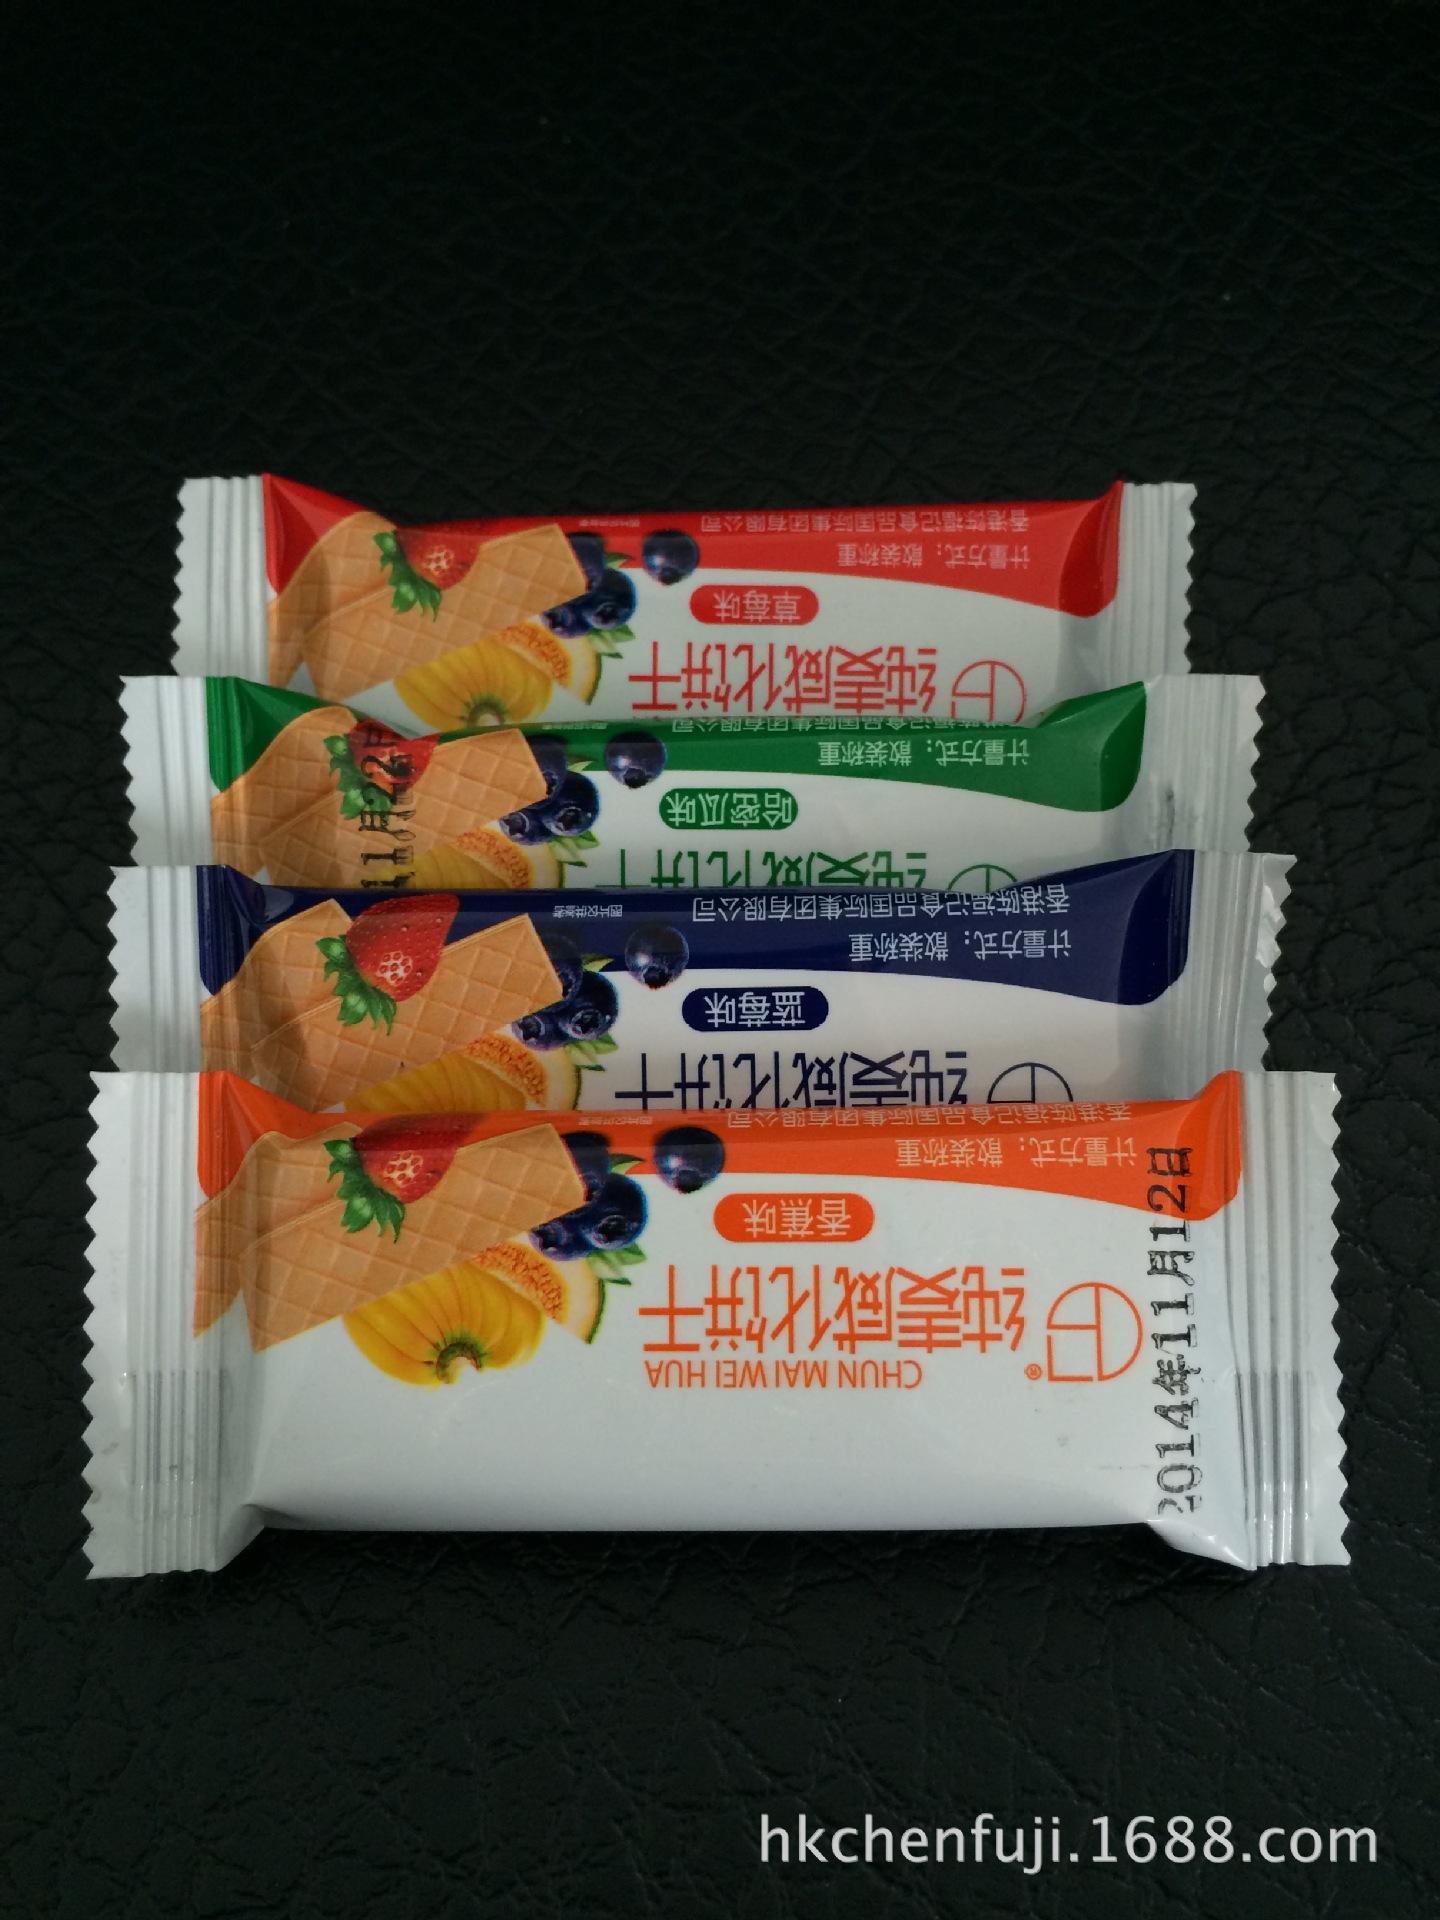 香港陈福记食品国际集团有限公司批发 香港陈福记水果味威化饼干  诚招代理商、饼干批售